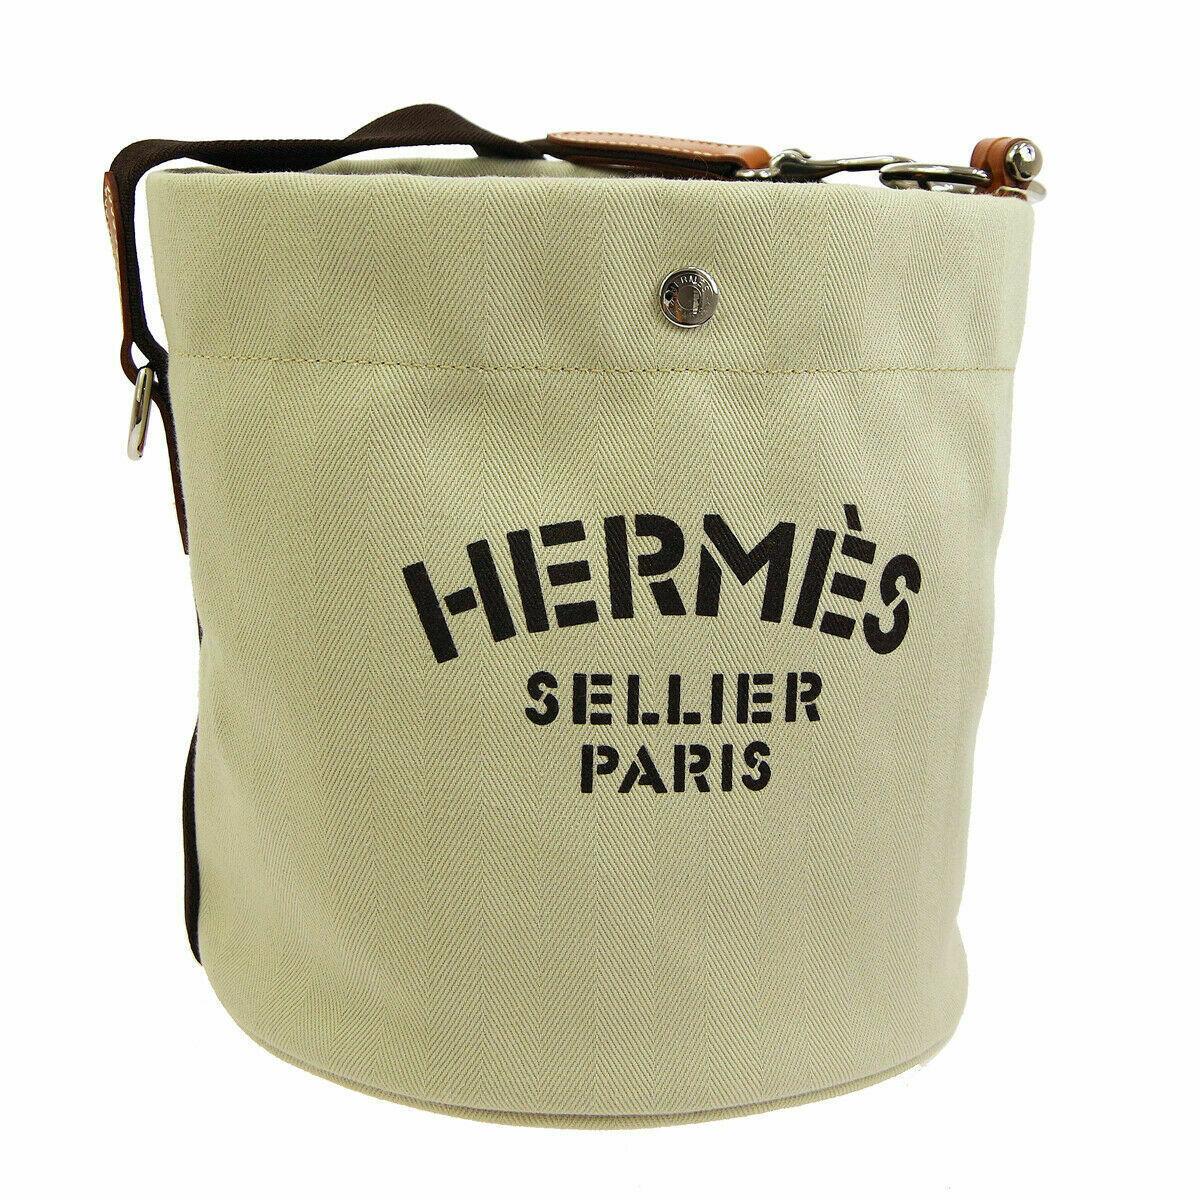 HERMES Sac De Pansage Shoulder Bag □L A R Ivory Brown Toile H Leather